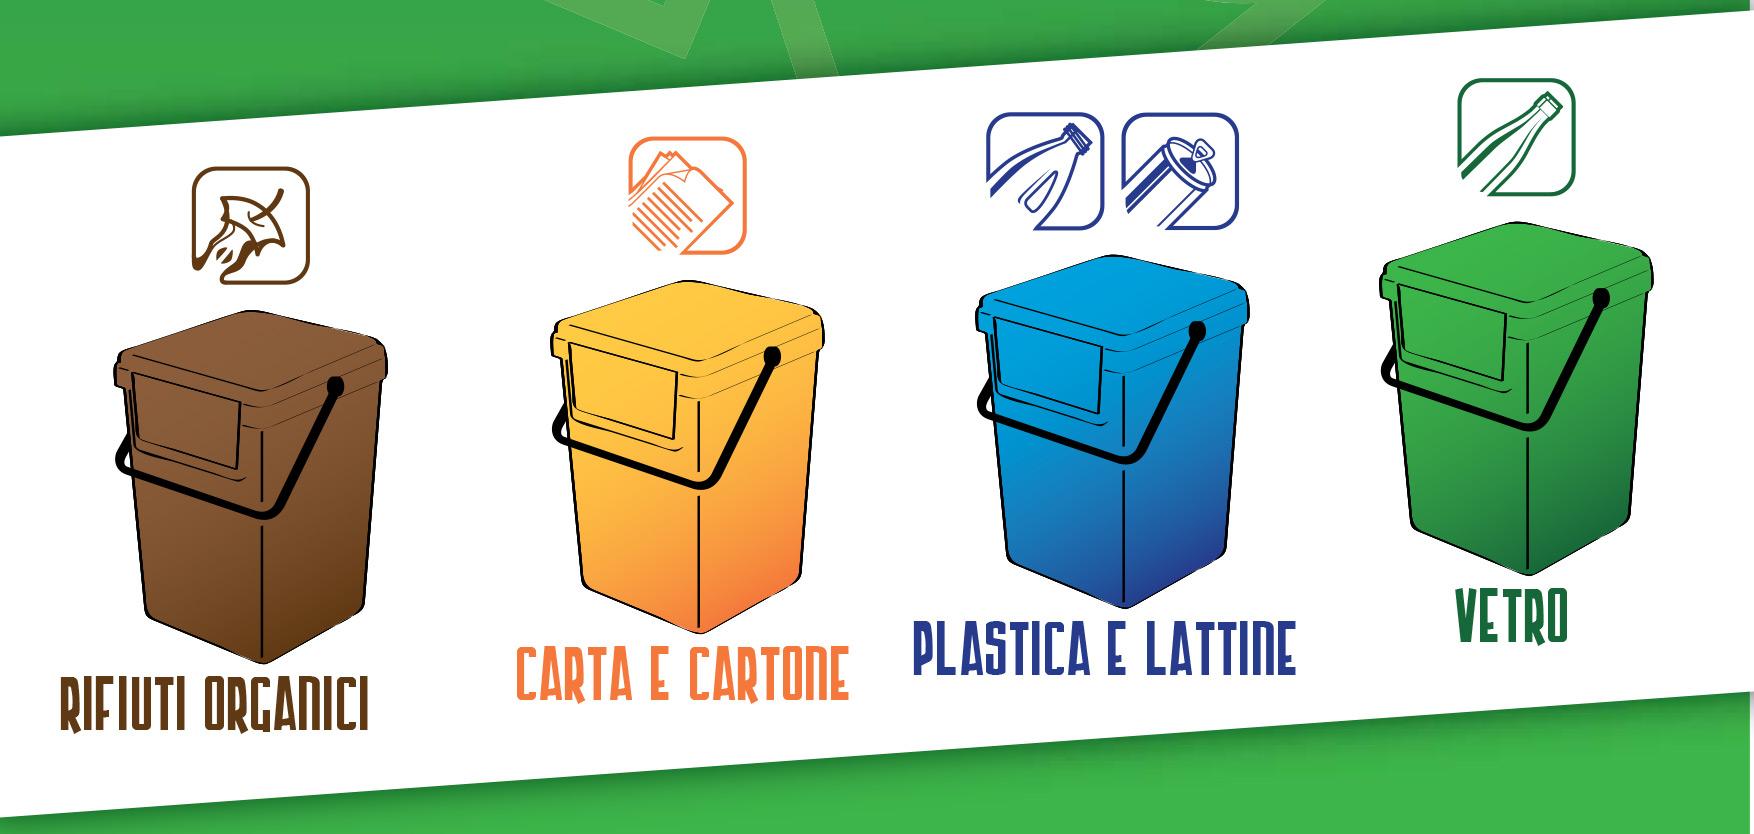 Cestini Raccolta Differenziata Casa come differenziare i rifiuti correttamente